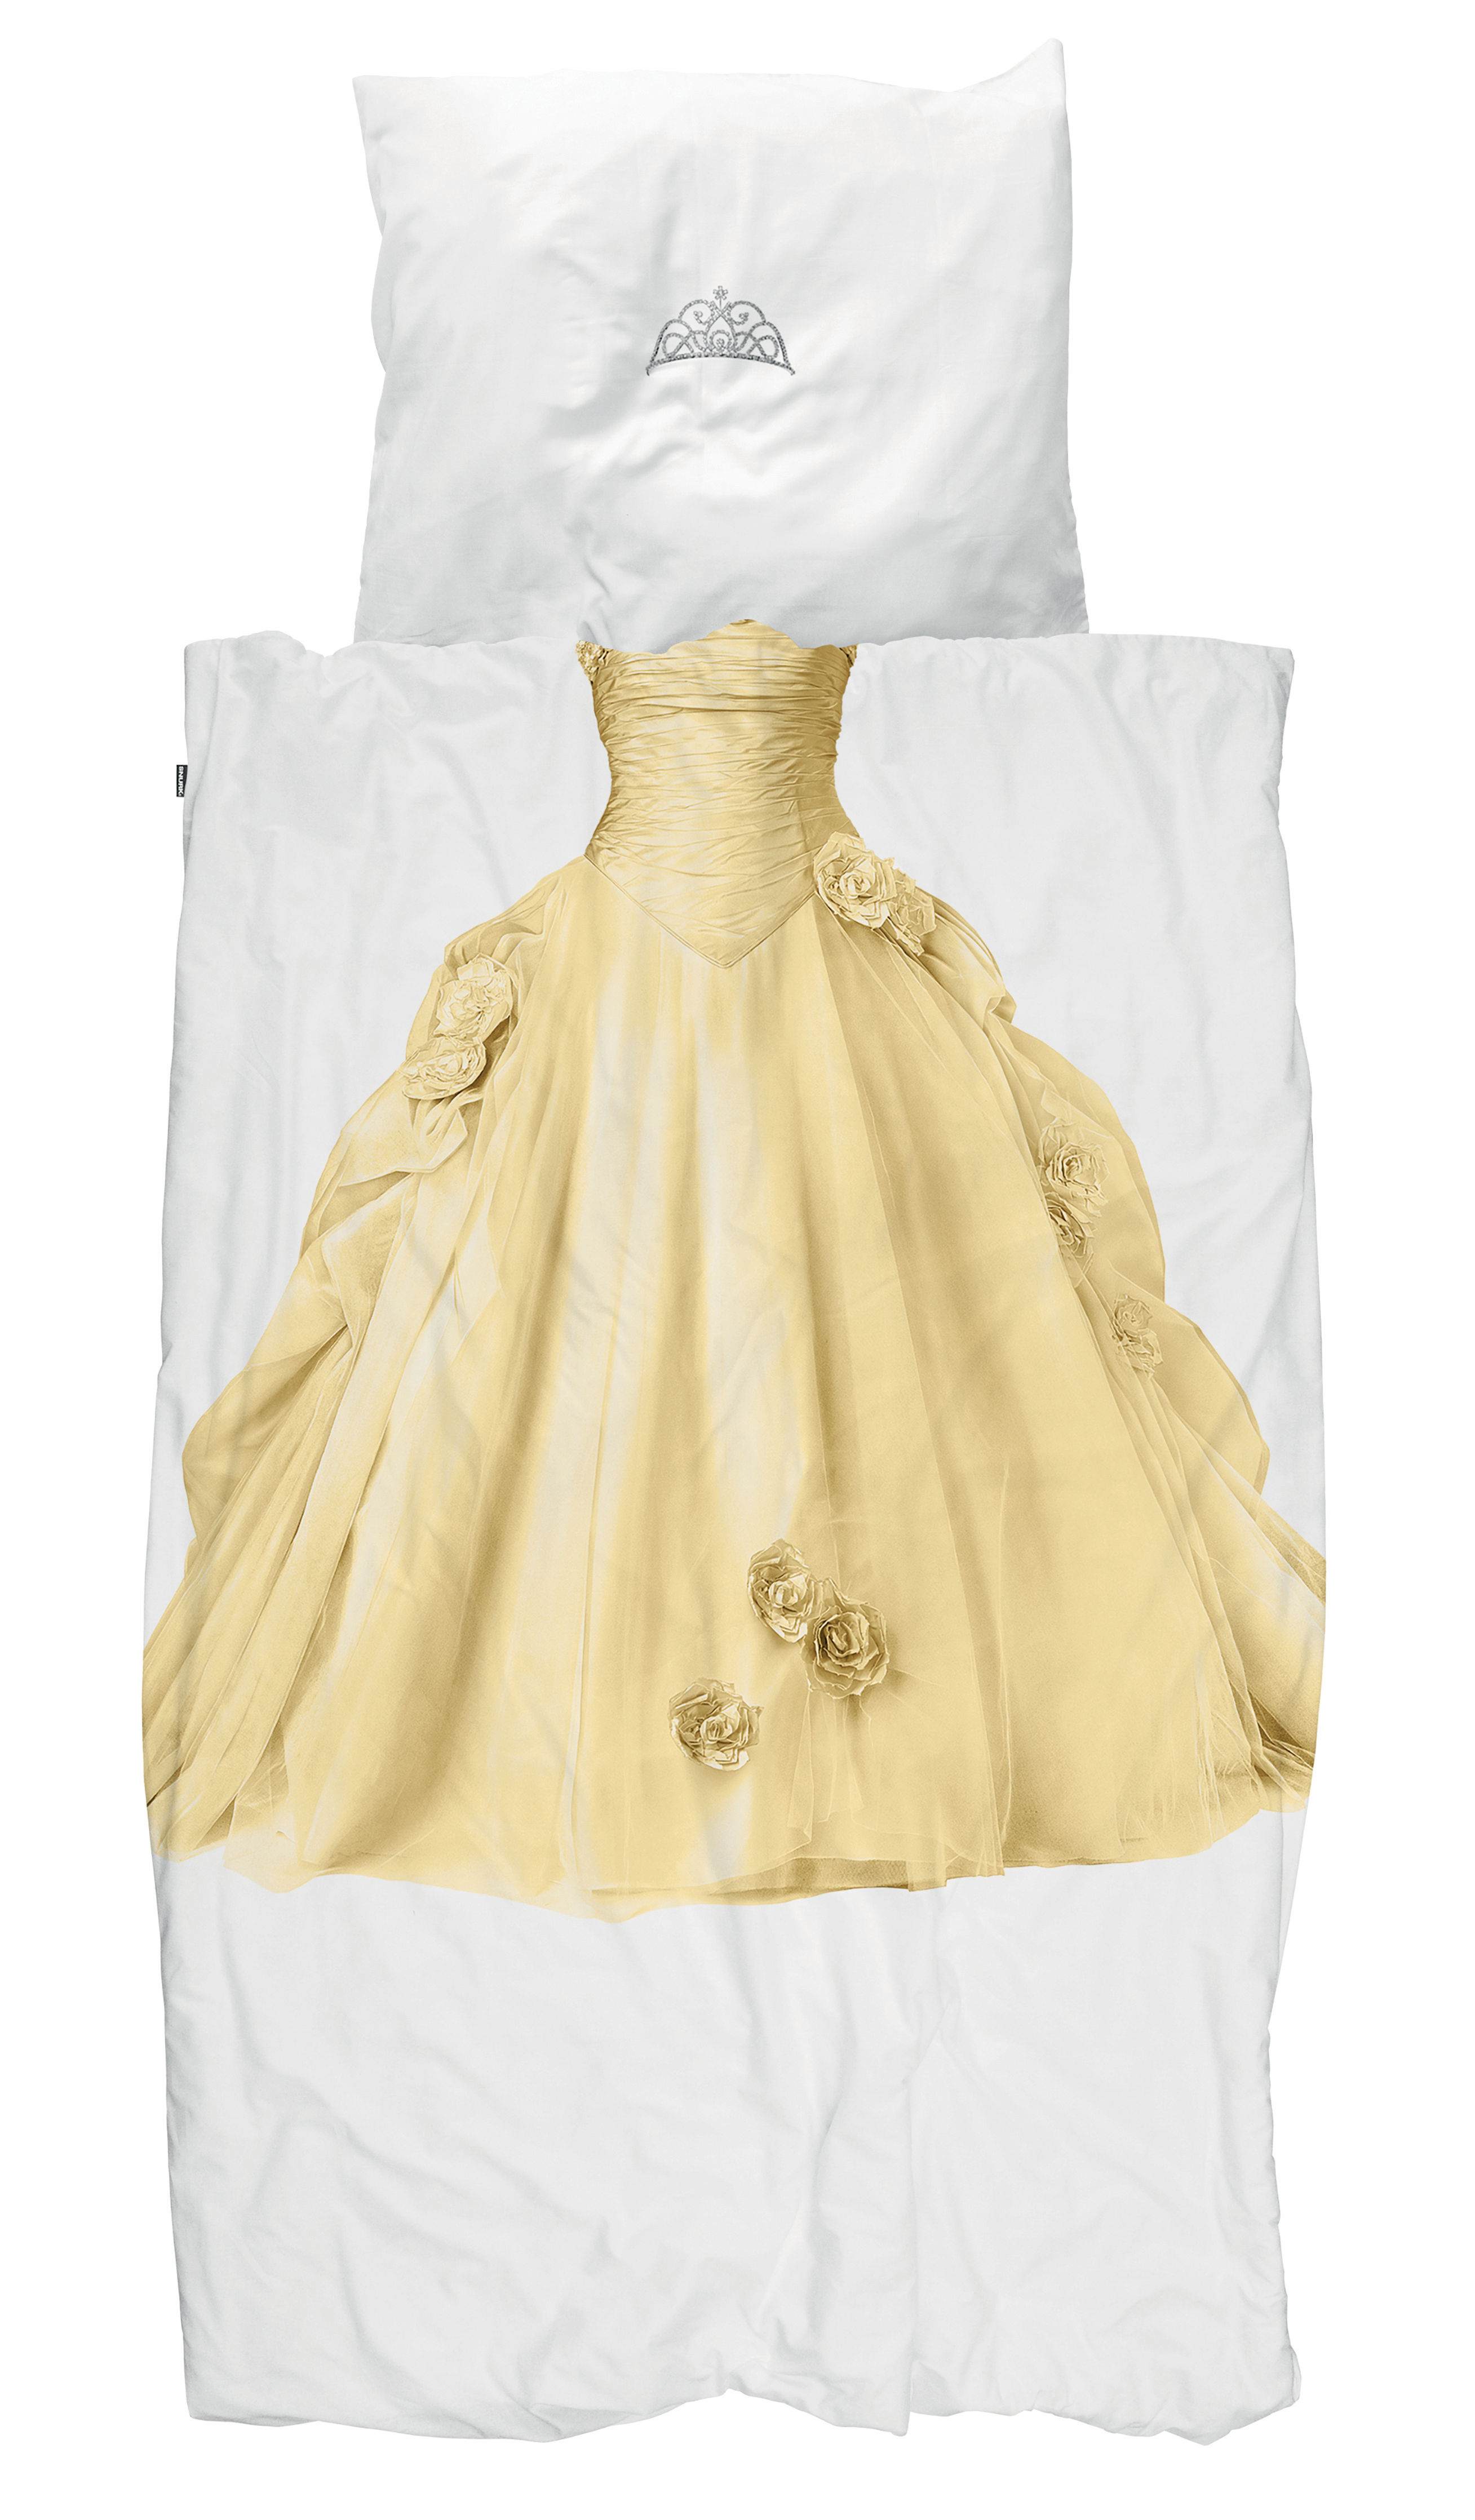 Dekoration - Für Kinder - Princesse Bettwäsche-Set für 1 Person / 140 x 200 cm - Snurk - Prinzessin / gelb - Baumwolle